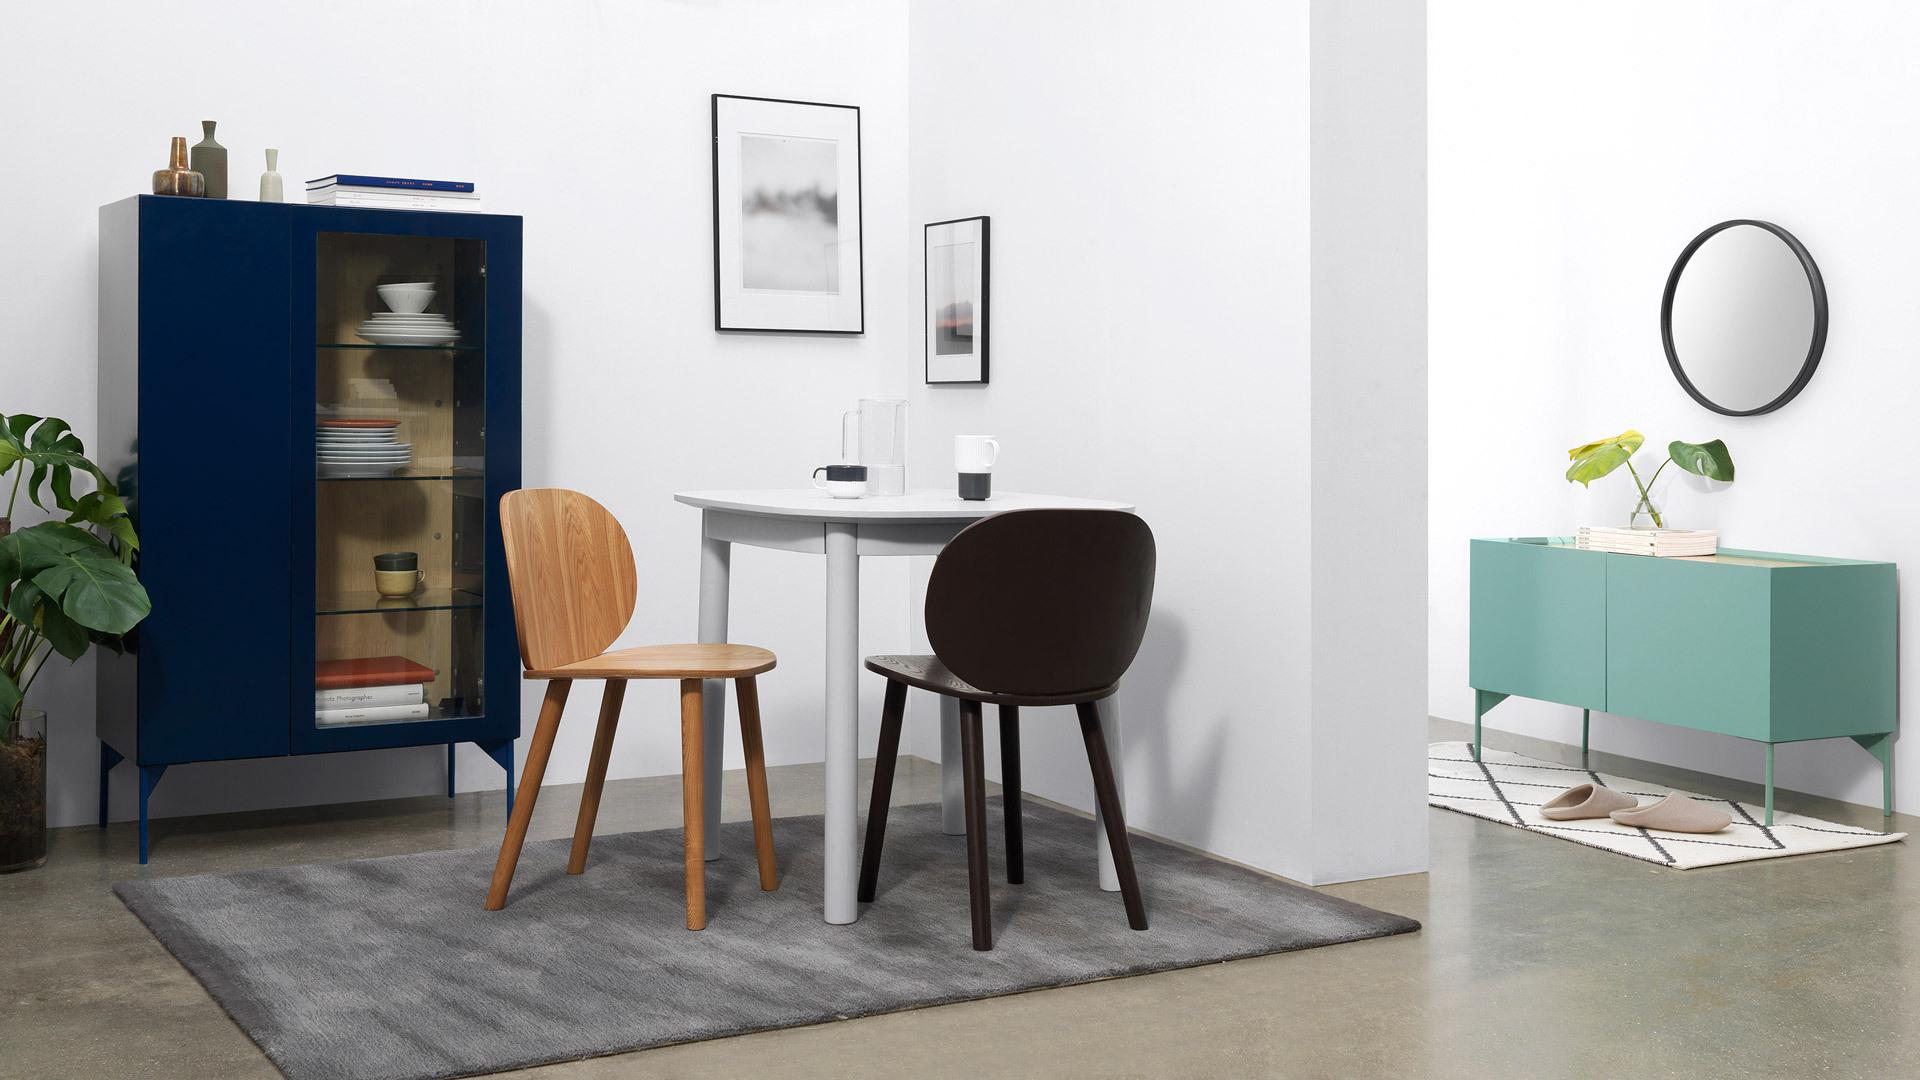 瓦格系列柜体的统一设计语言,让高矮不同形态的柜体协调统一于家中各处空间。NCS自然色彩系统的严格控制,找到不同色彩的微妙平衡。